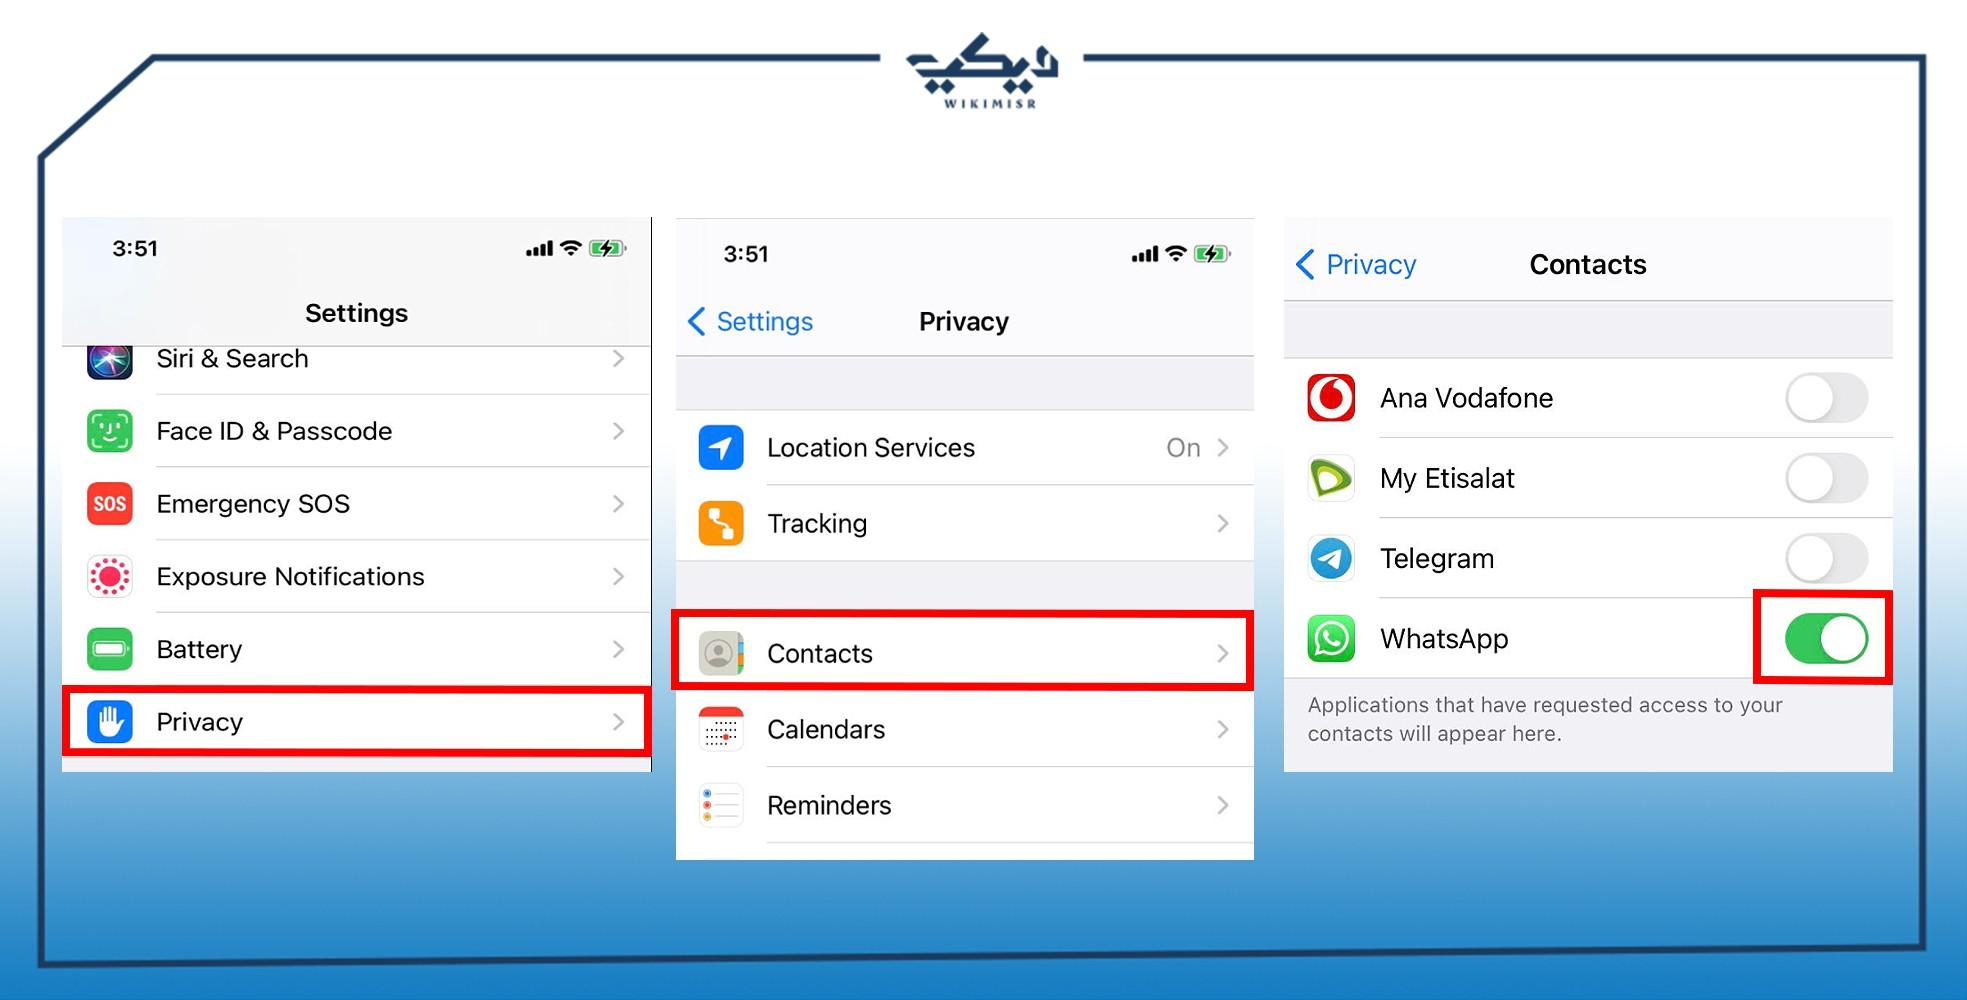 طريقة منح واتساب صلاحية الوصول لجهات الاتصال على هواتف iPhone